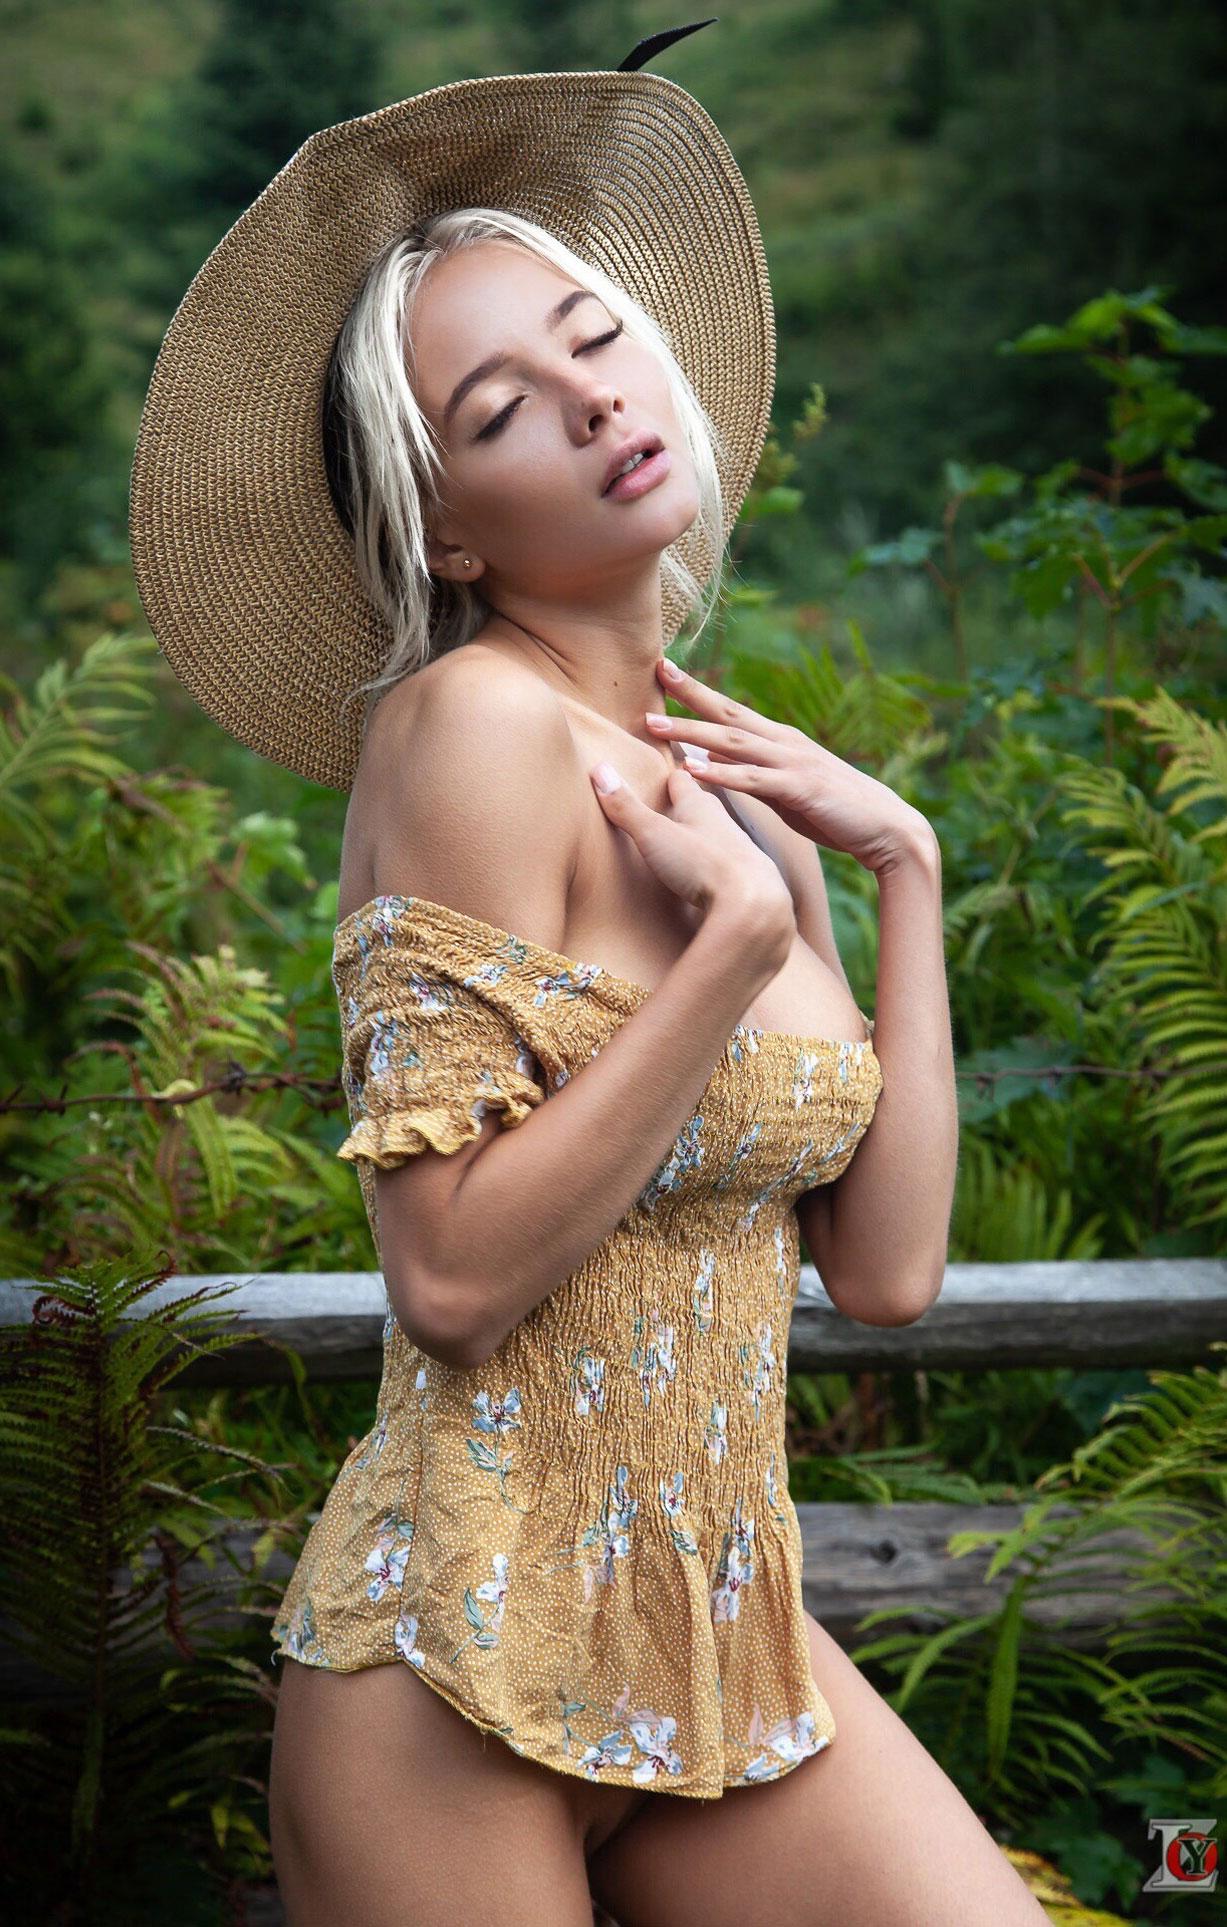 Екатерина Ширяева, портрет / фото 18